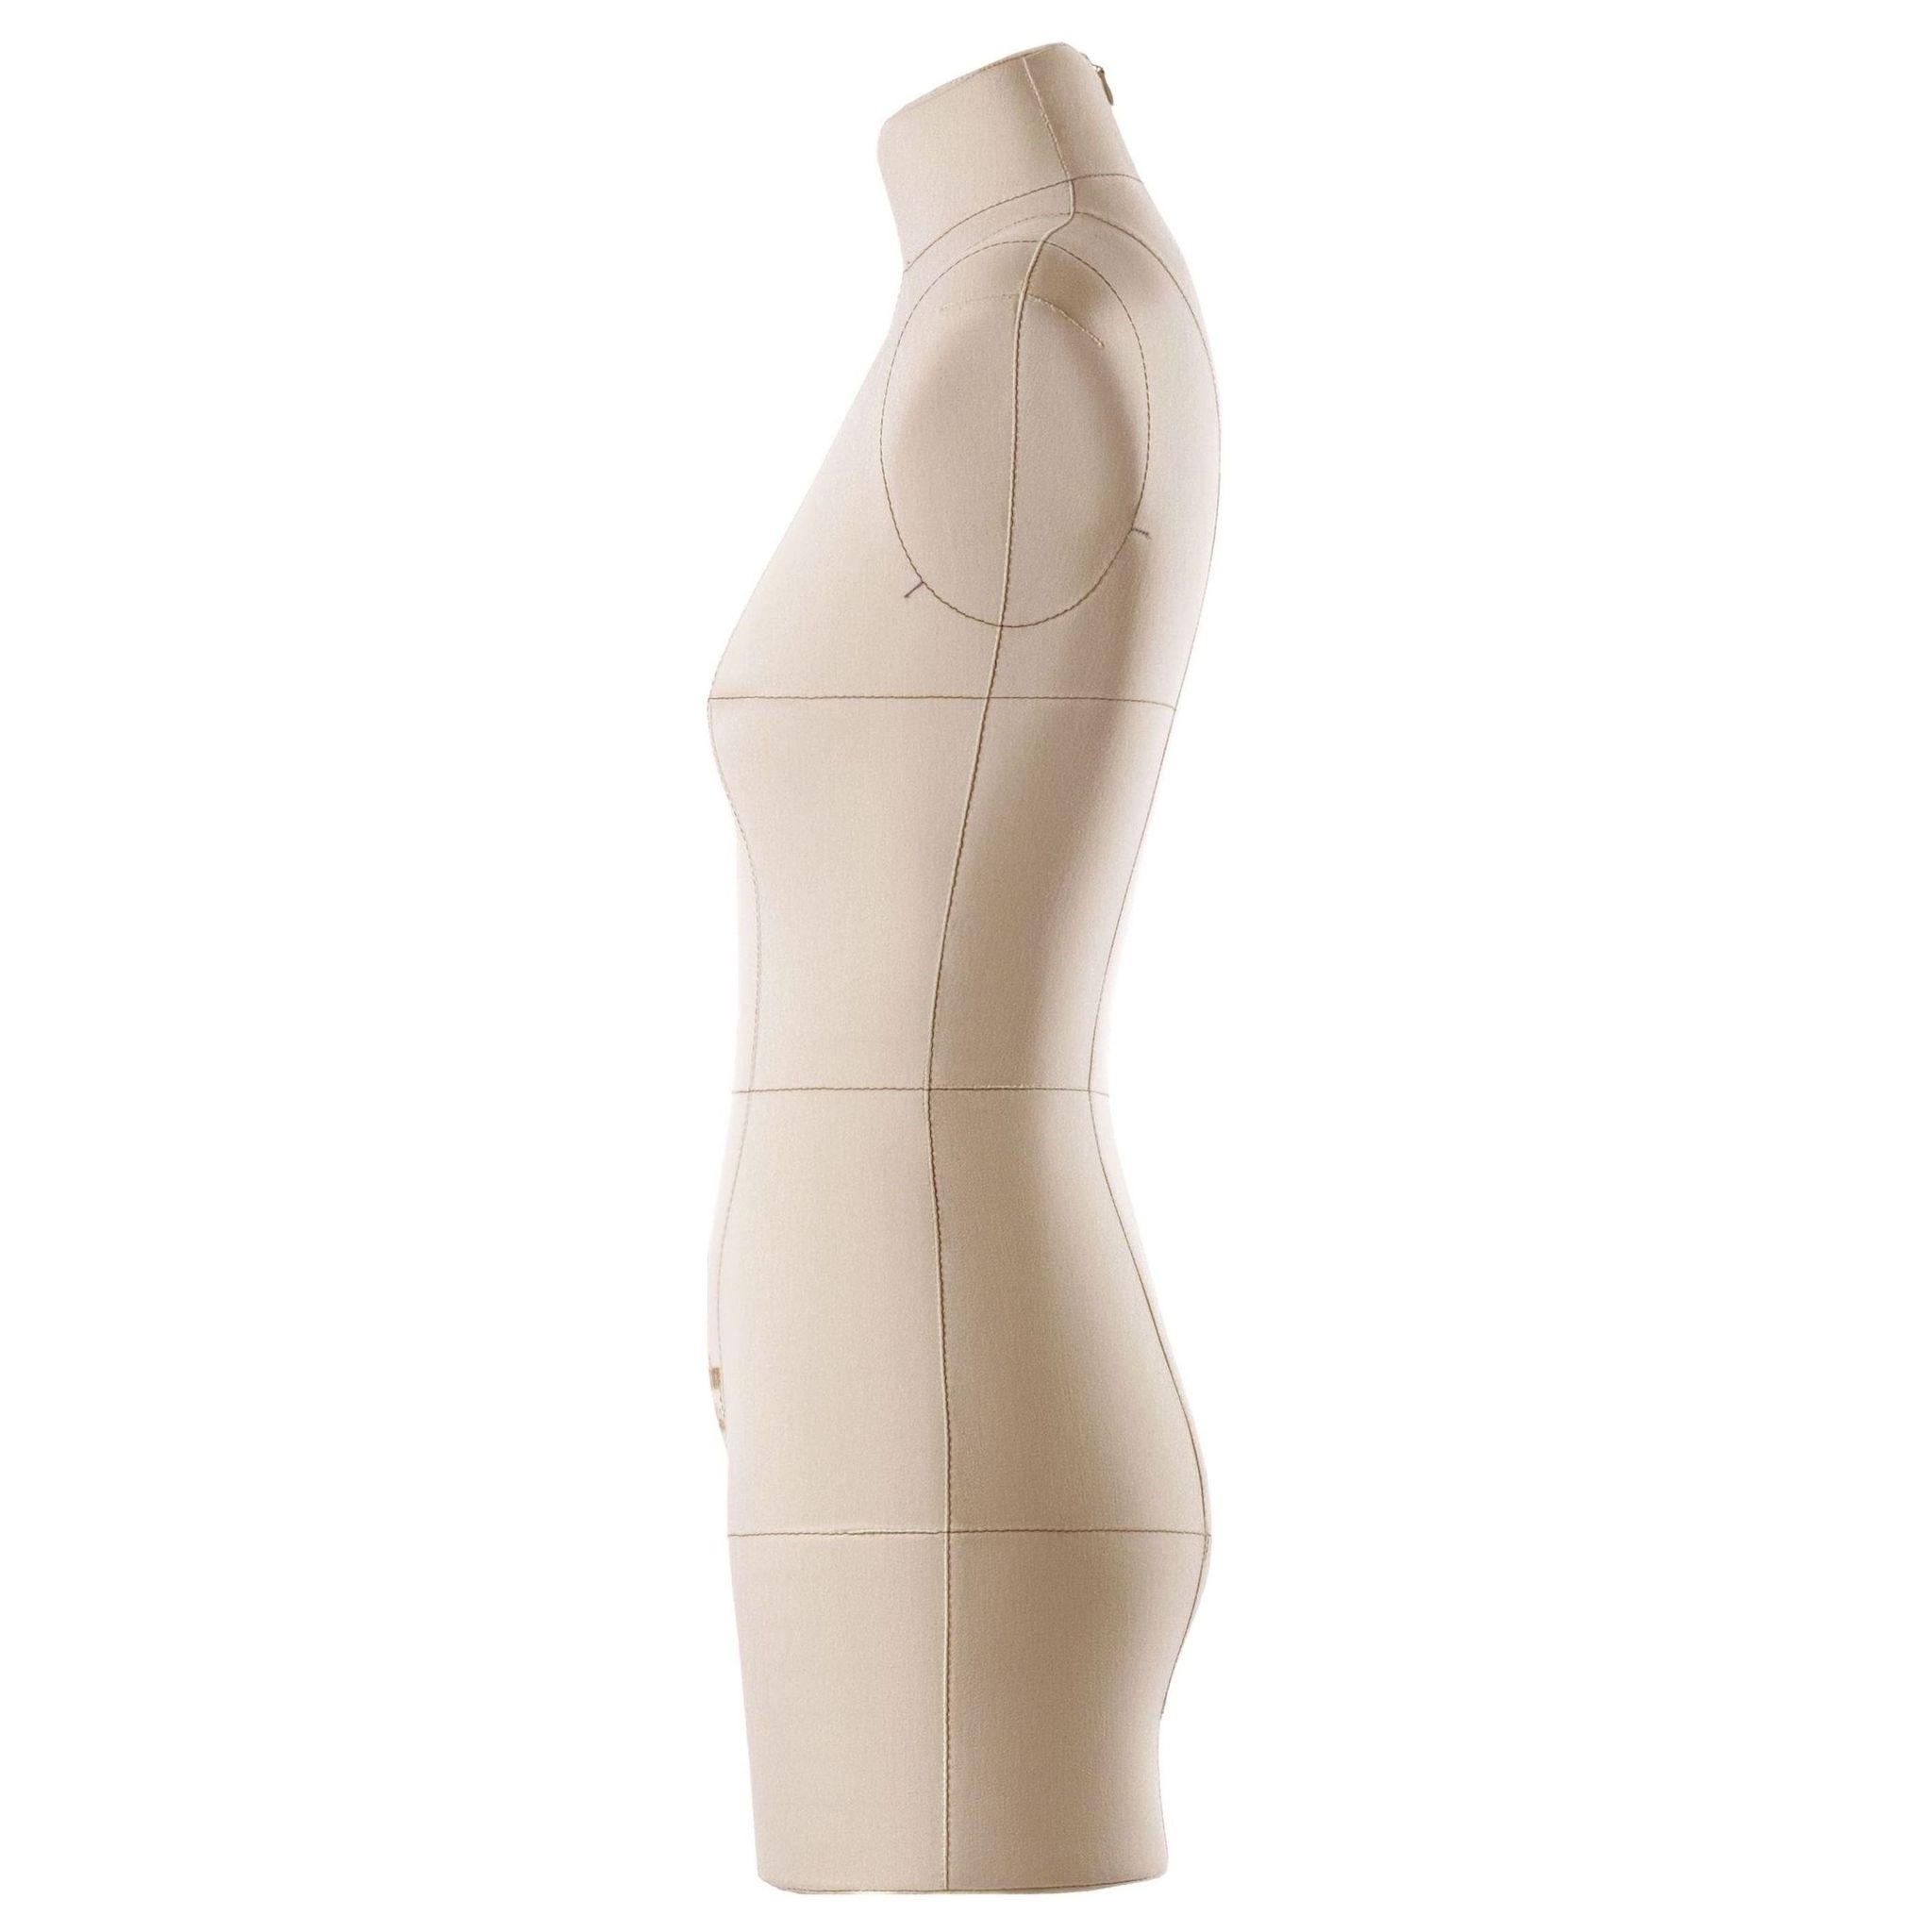 Манекен портновский Моника, комплект Премиум, размер 42, БежевыйФото 4